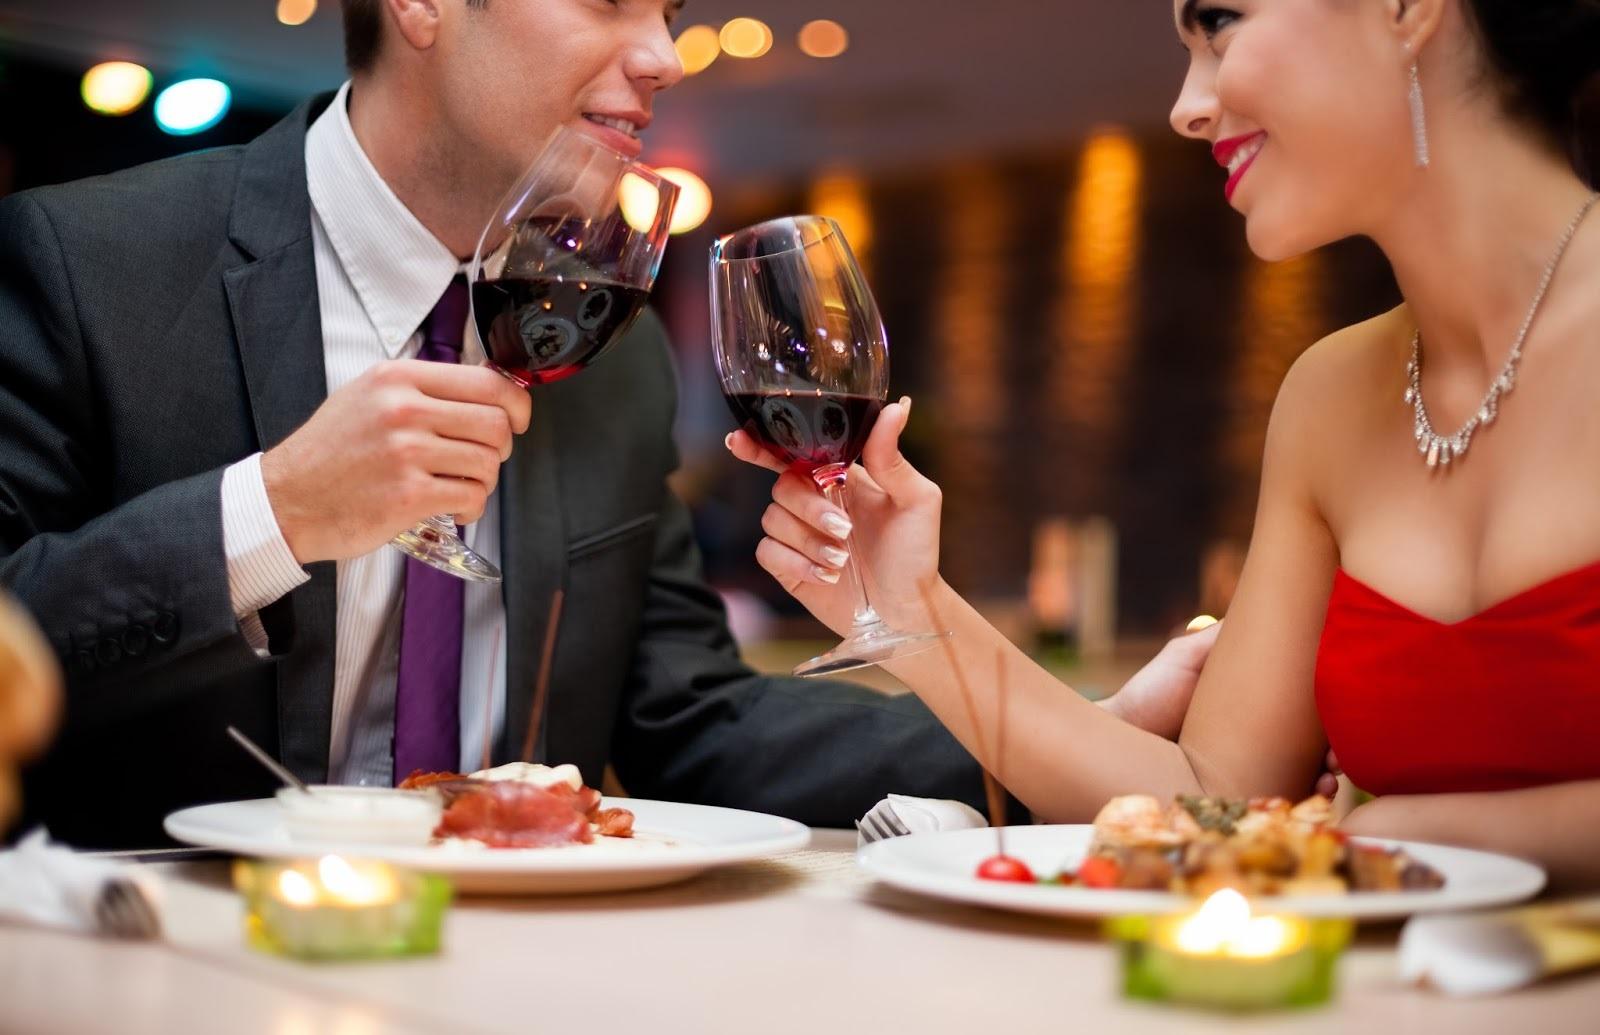 парень смайлики как пригласить на свидание богатого мужчину хотел девушкой